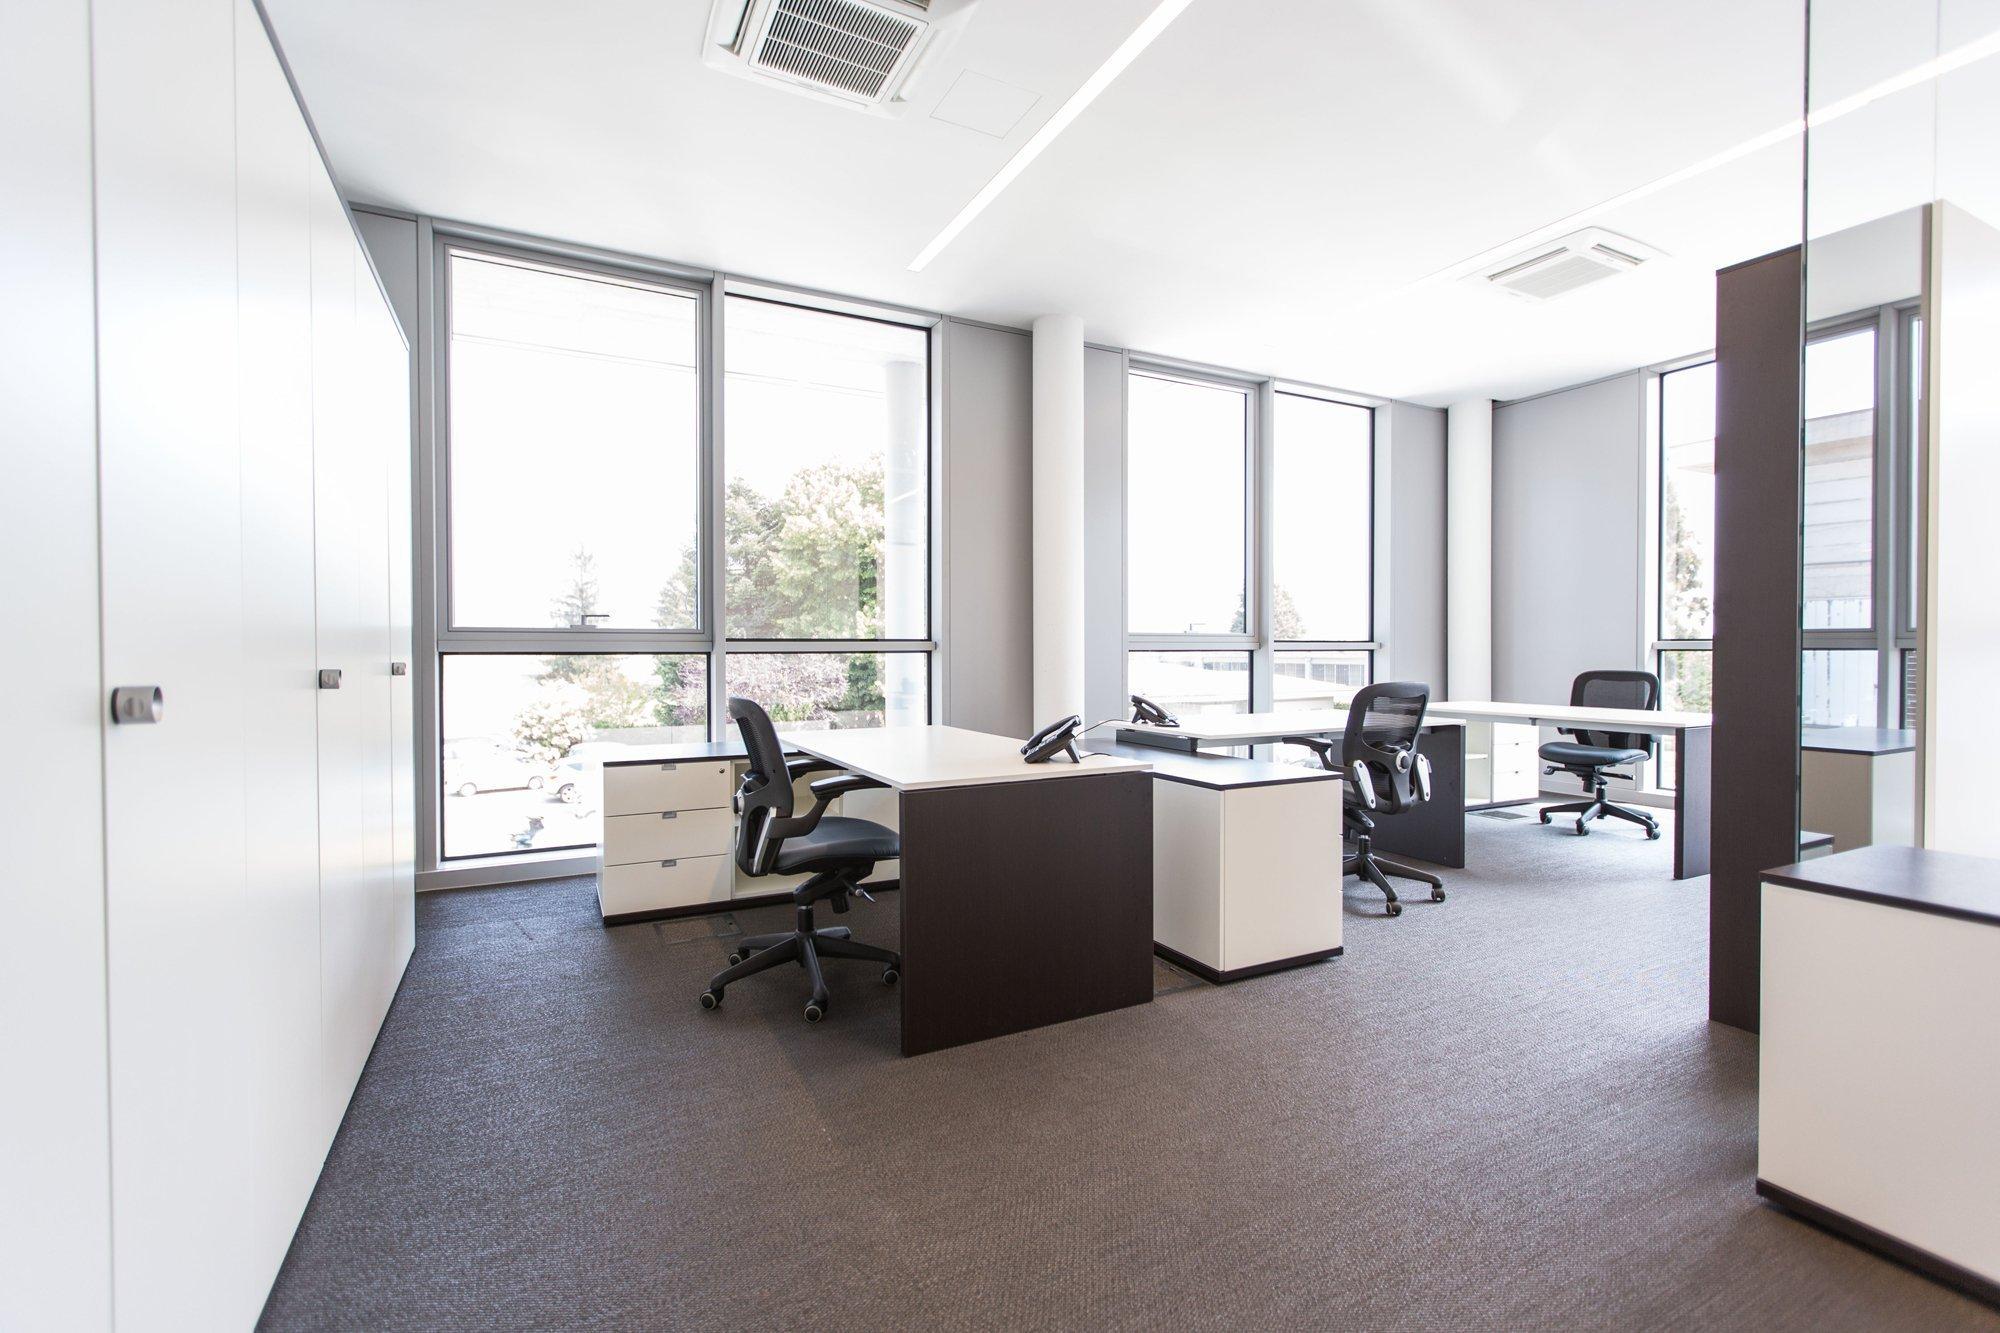 Mobili per ufficio operativo pratiko arredamento per ufficio for Arredo ufficio operativo